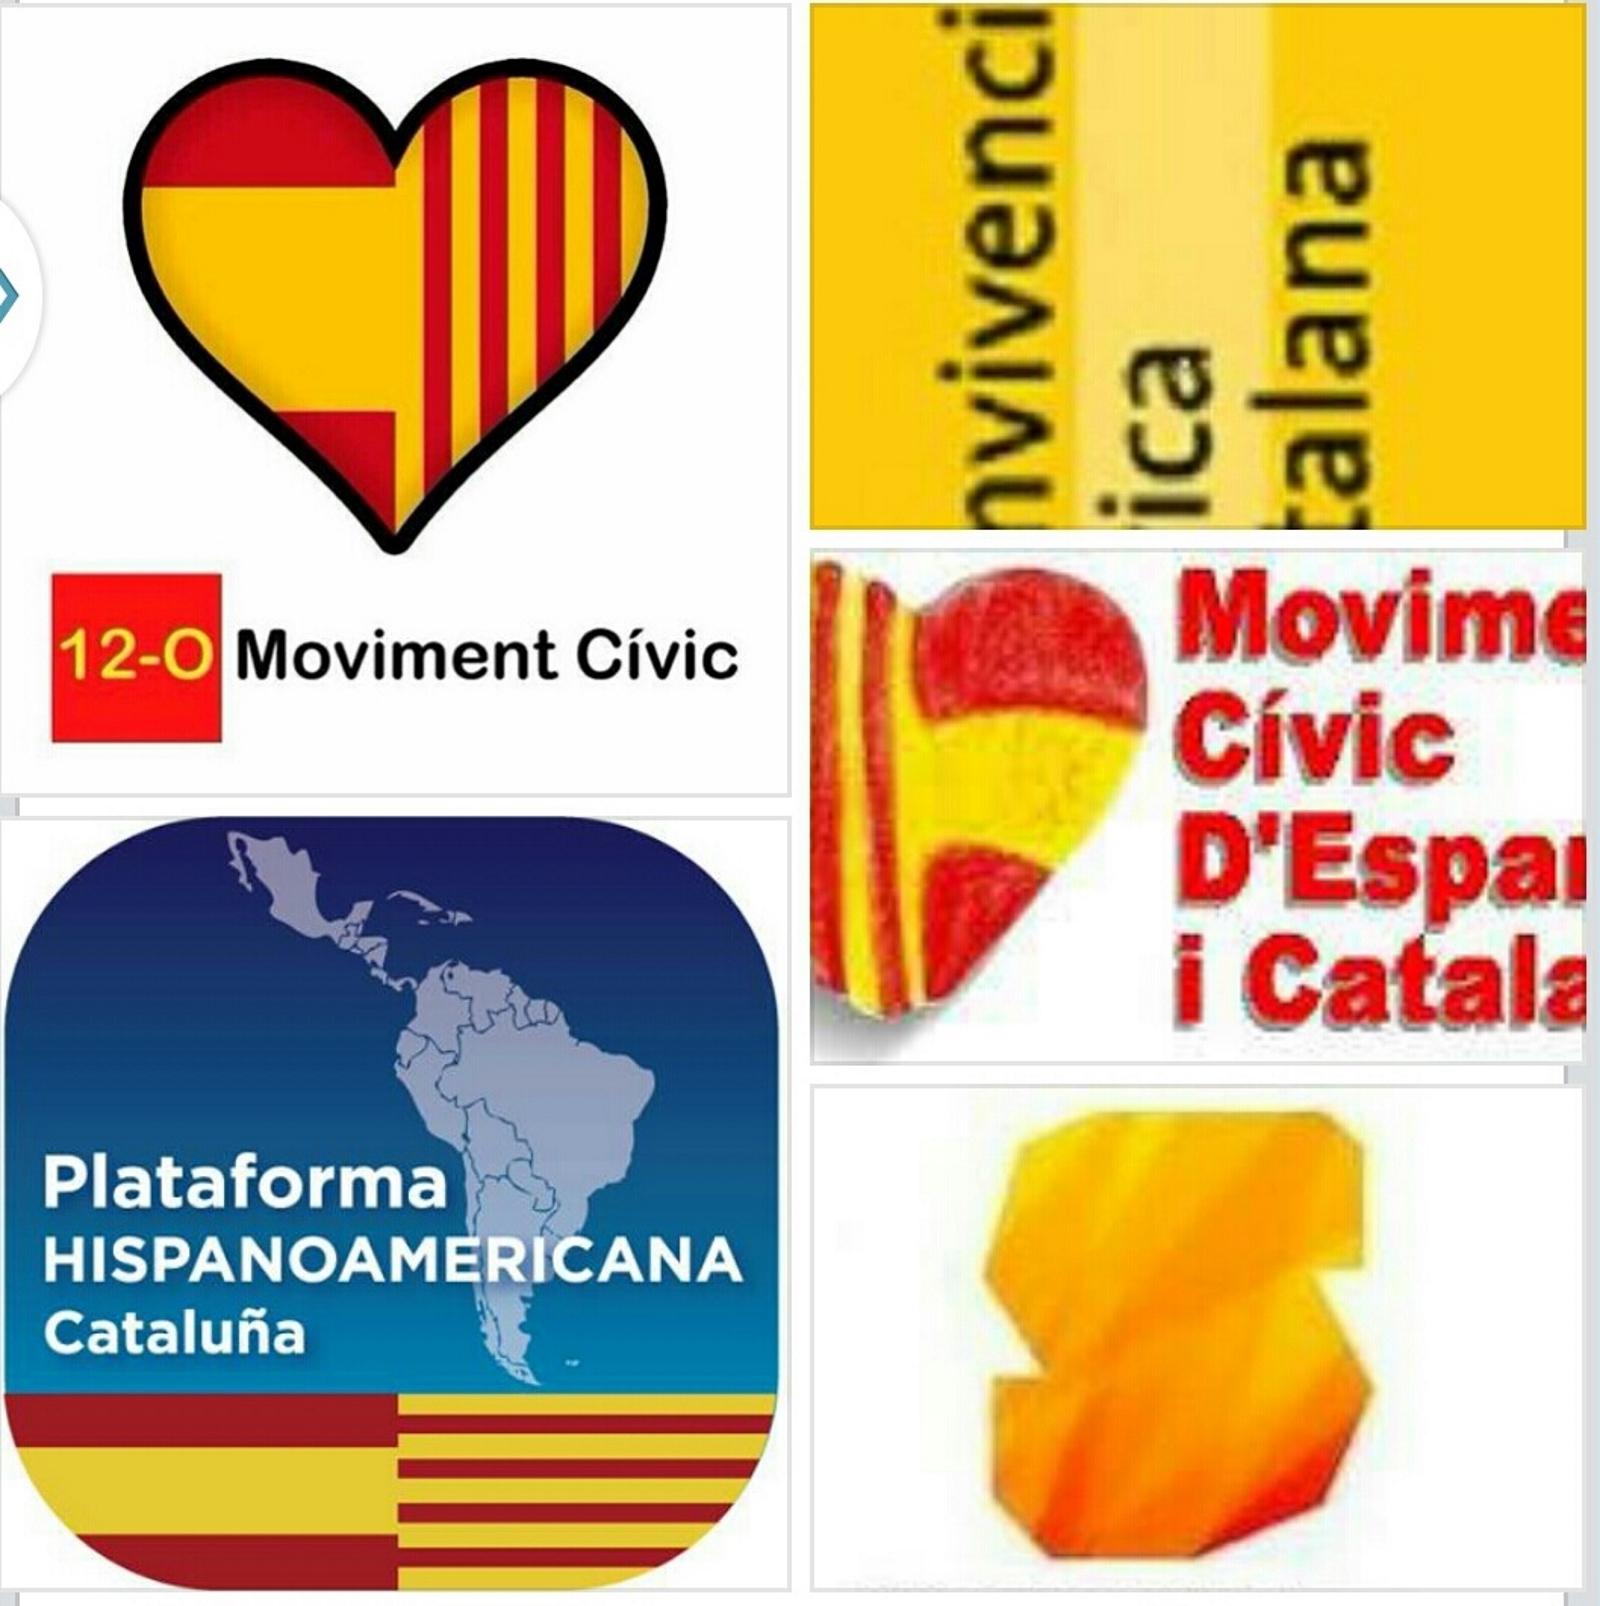 Las plataformas unionistas convocan, por separado, el 12-OCT 2014 porque  SCC tiene